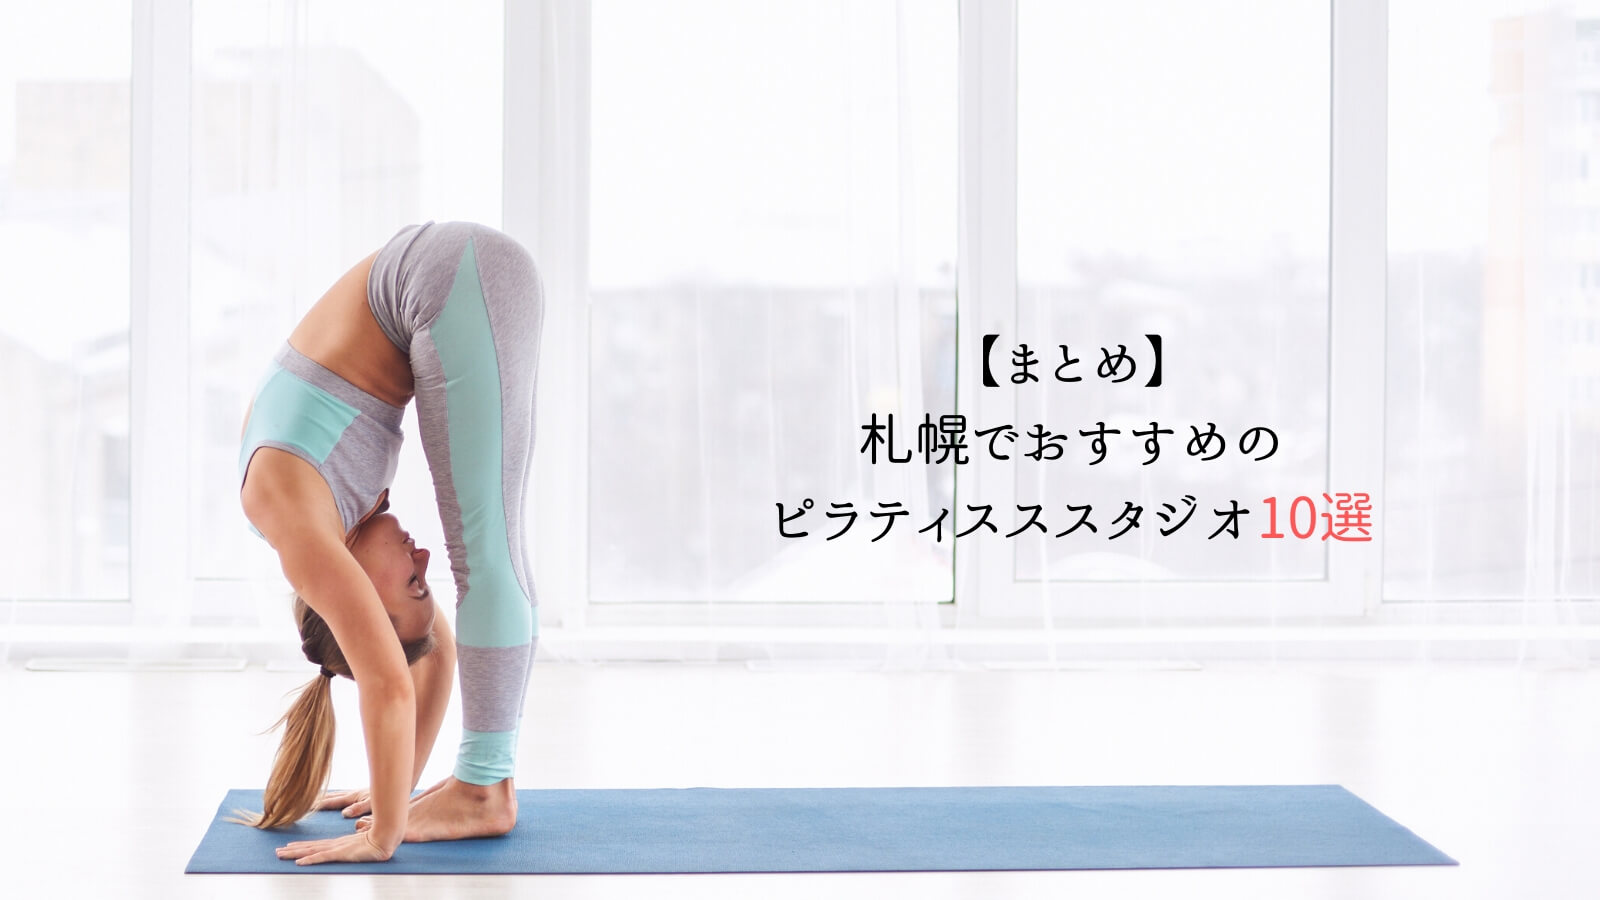 【まとめ】札幌でおすすめのピラティススタジオ10選